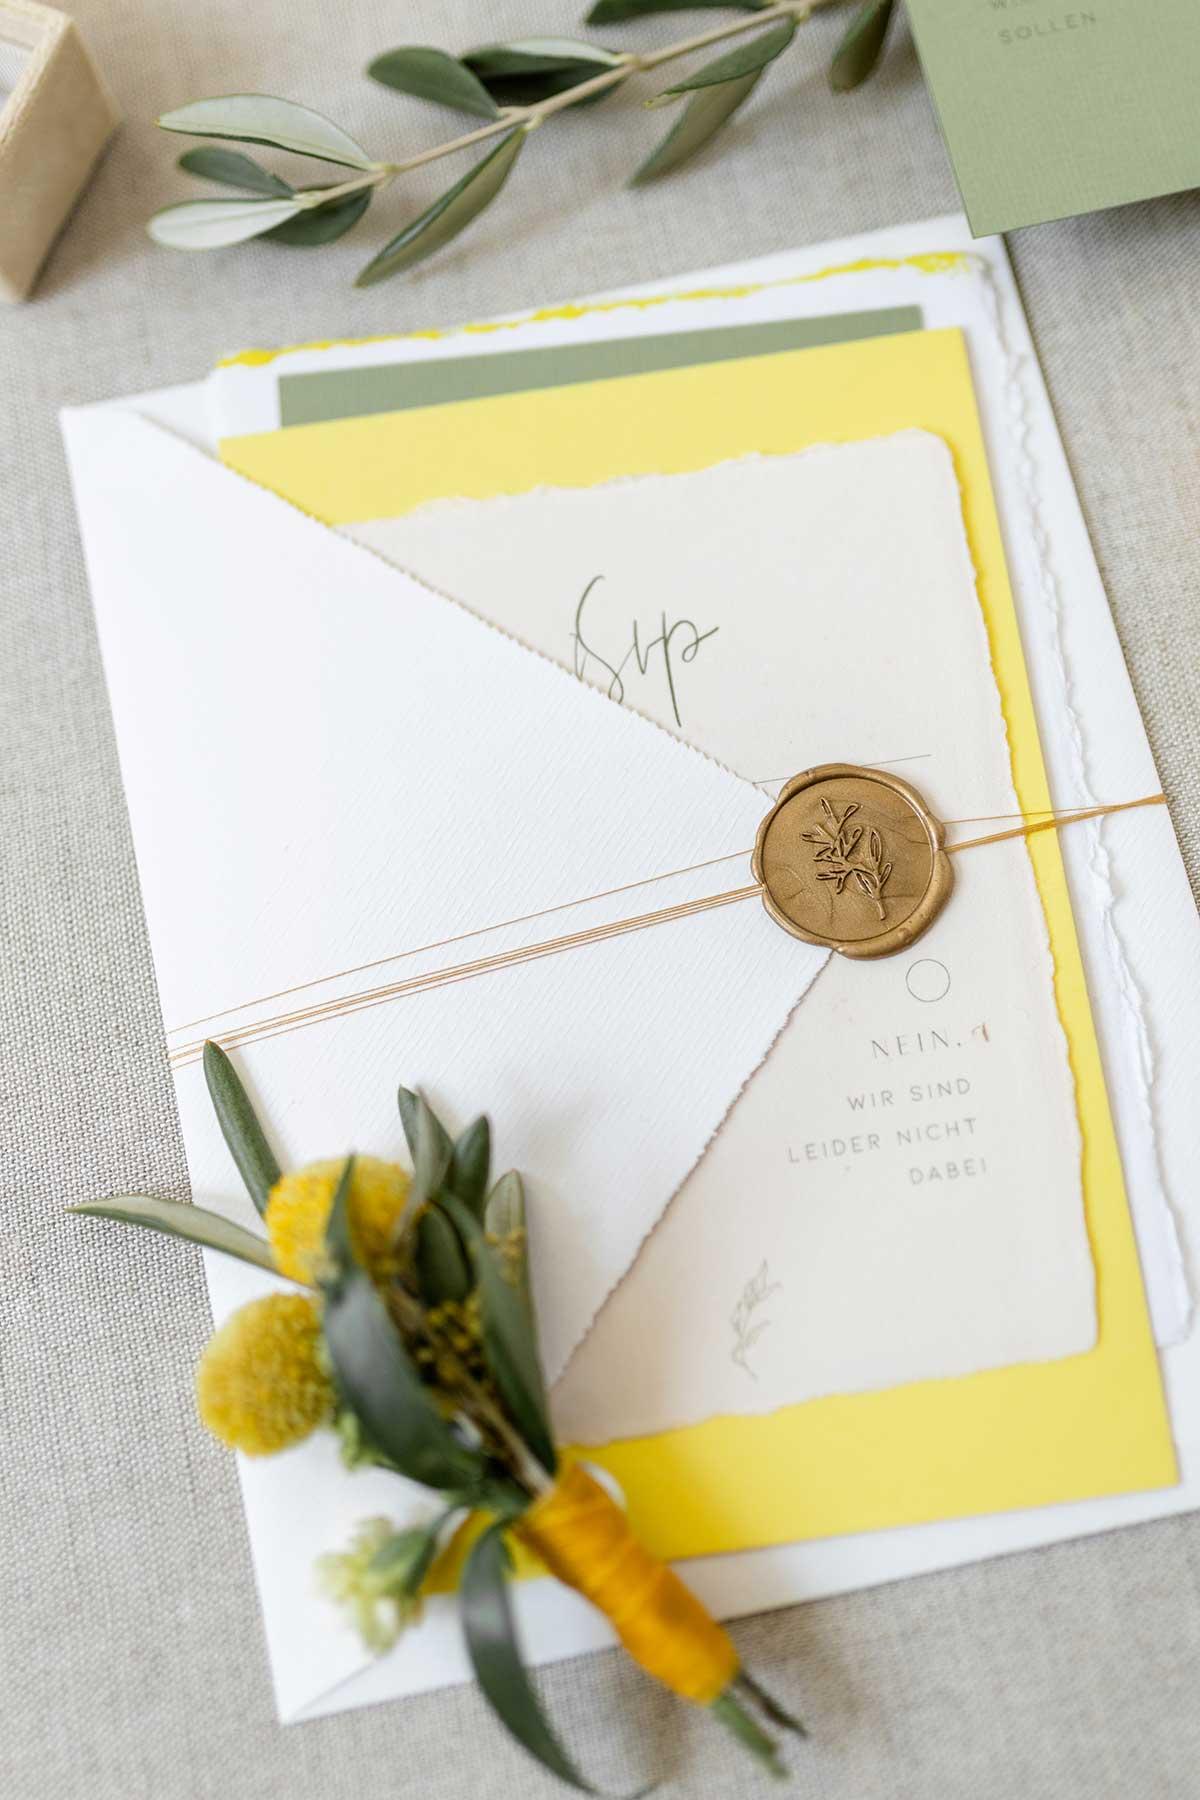 Zusammen gepackte Papeterie zur Hochzeit mit einem Siegel verschlossen